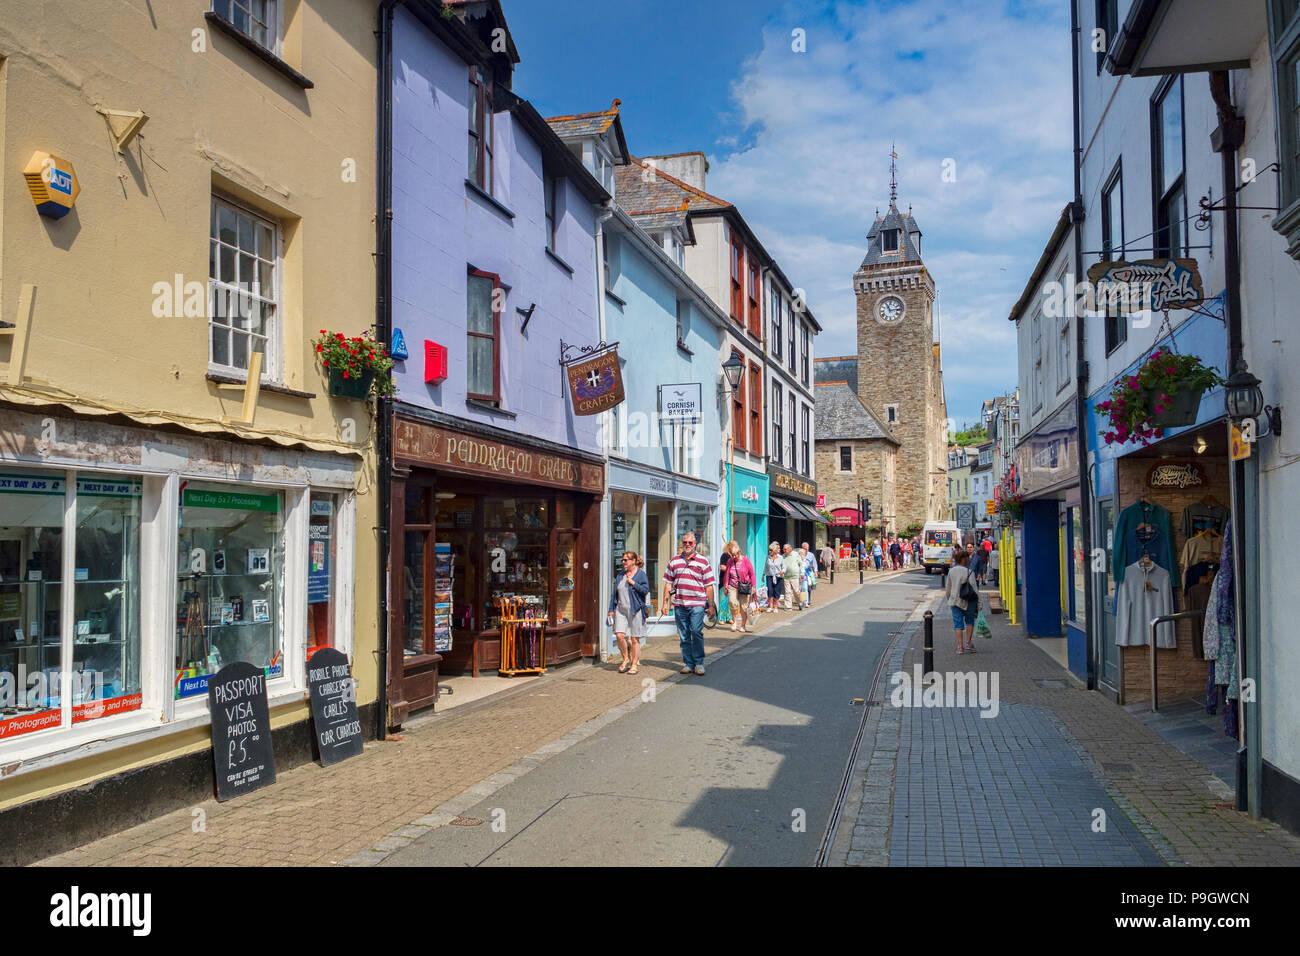 Vom 6. Juni 2018: Looe, Cornwall, Großbritannien - Einkaufen in Fore Street an einem warmen Frühlingstag. Stockbild